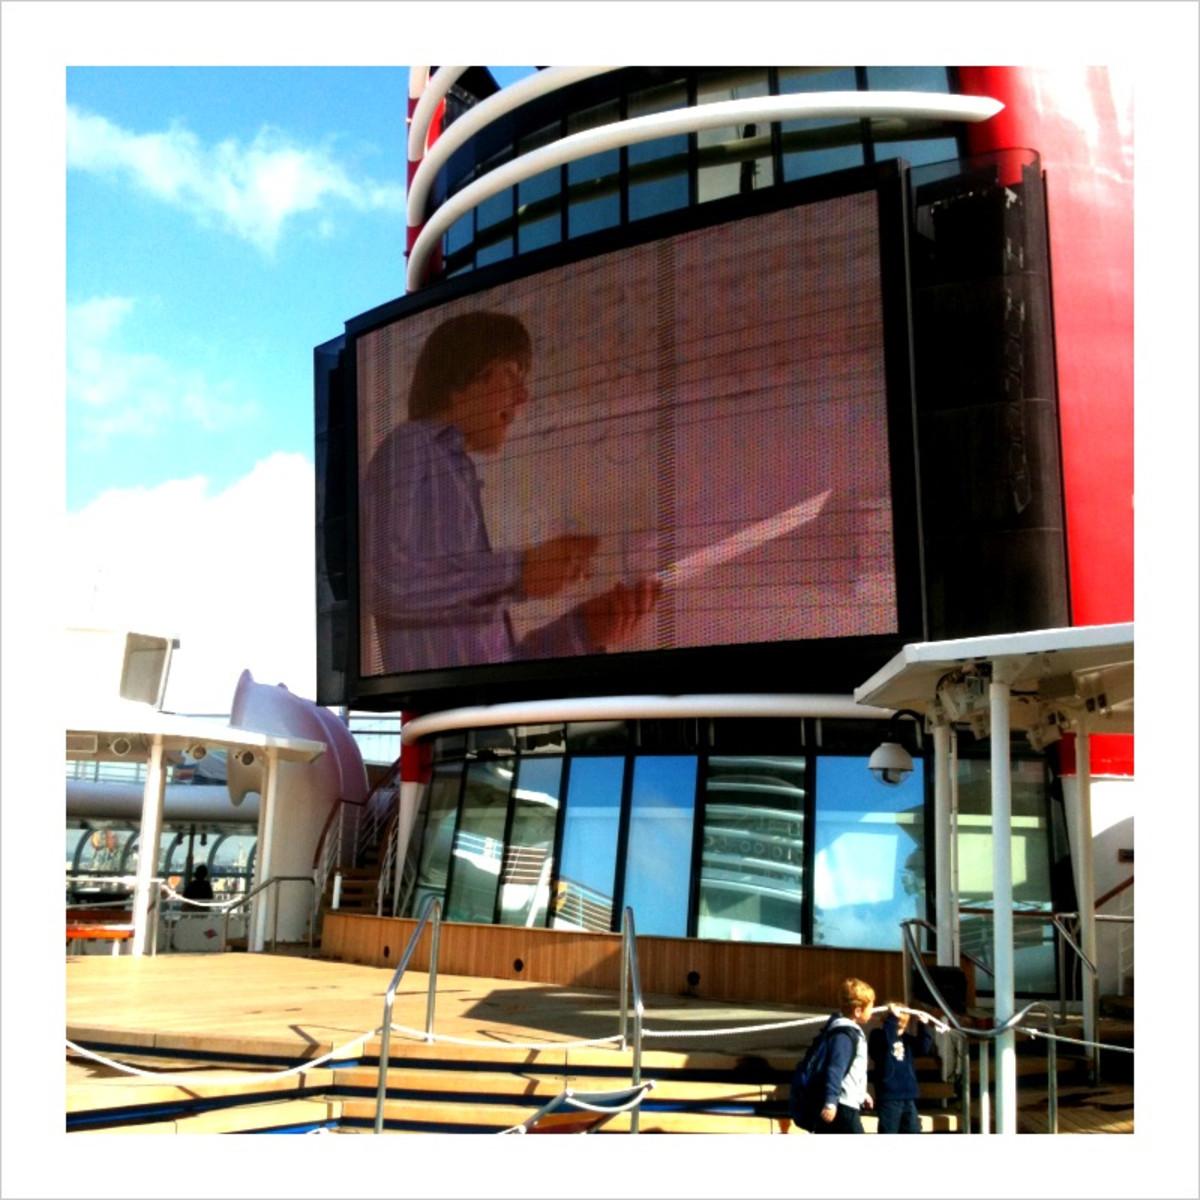 Zac on screen, poolside.